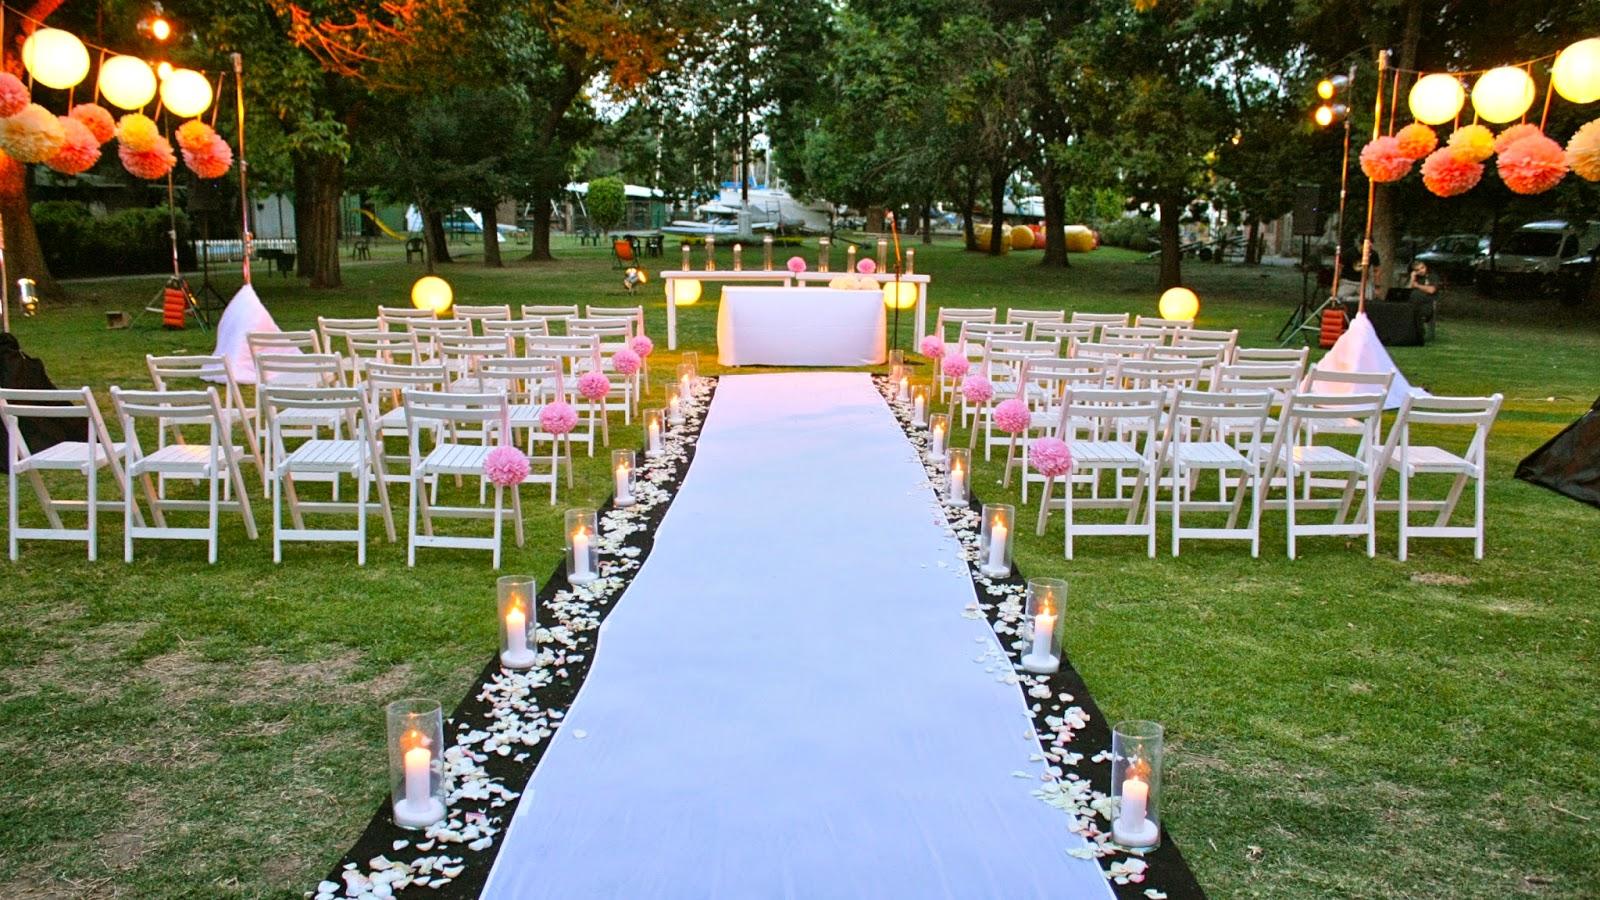 Ceremonia al aire libre pato da cunha for Ambientacion para bodas